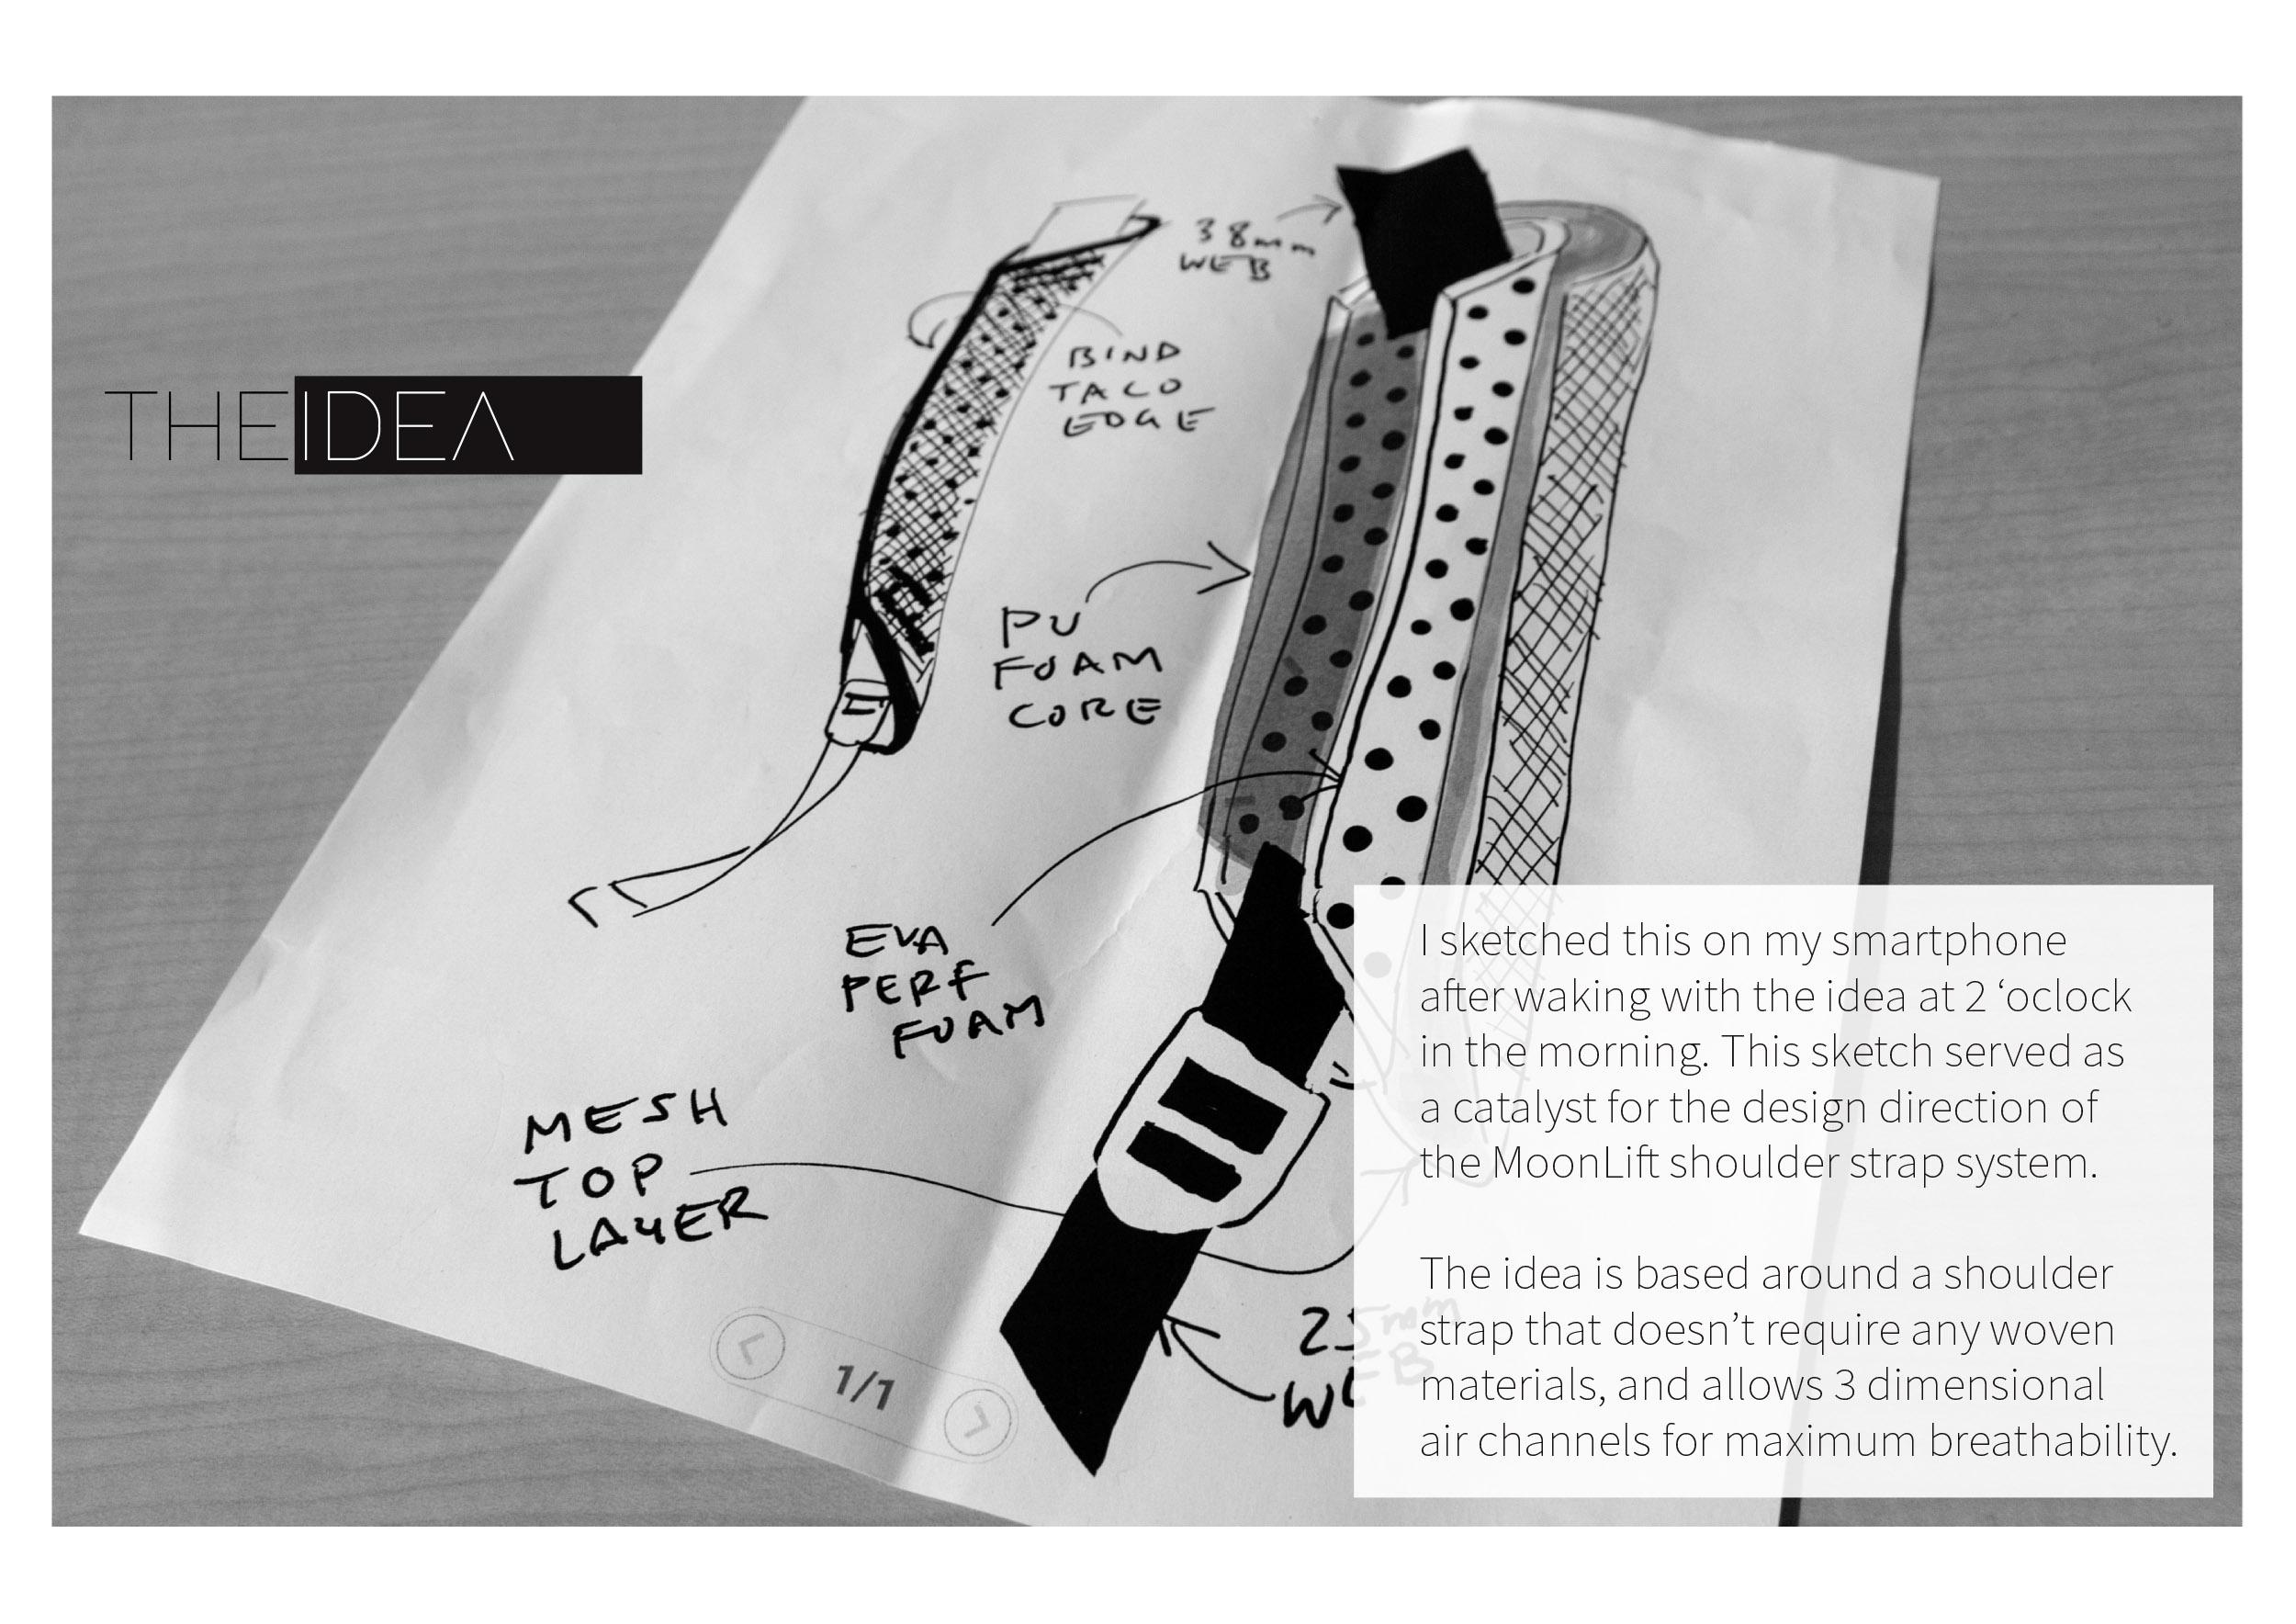 Moonlift Shoulder Strap Design Sketching Ideation